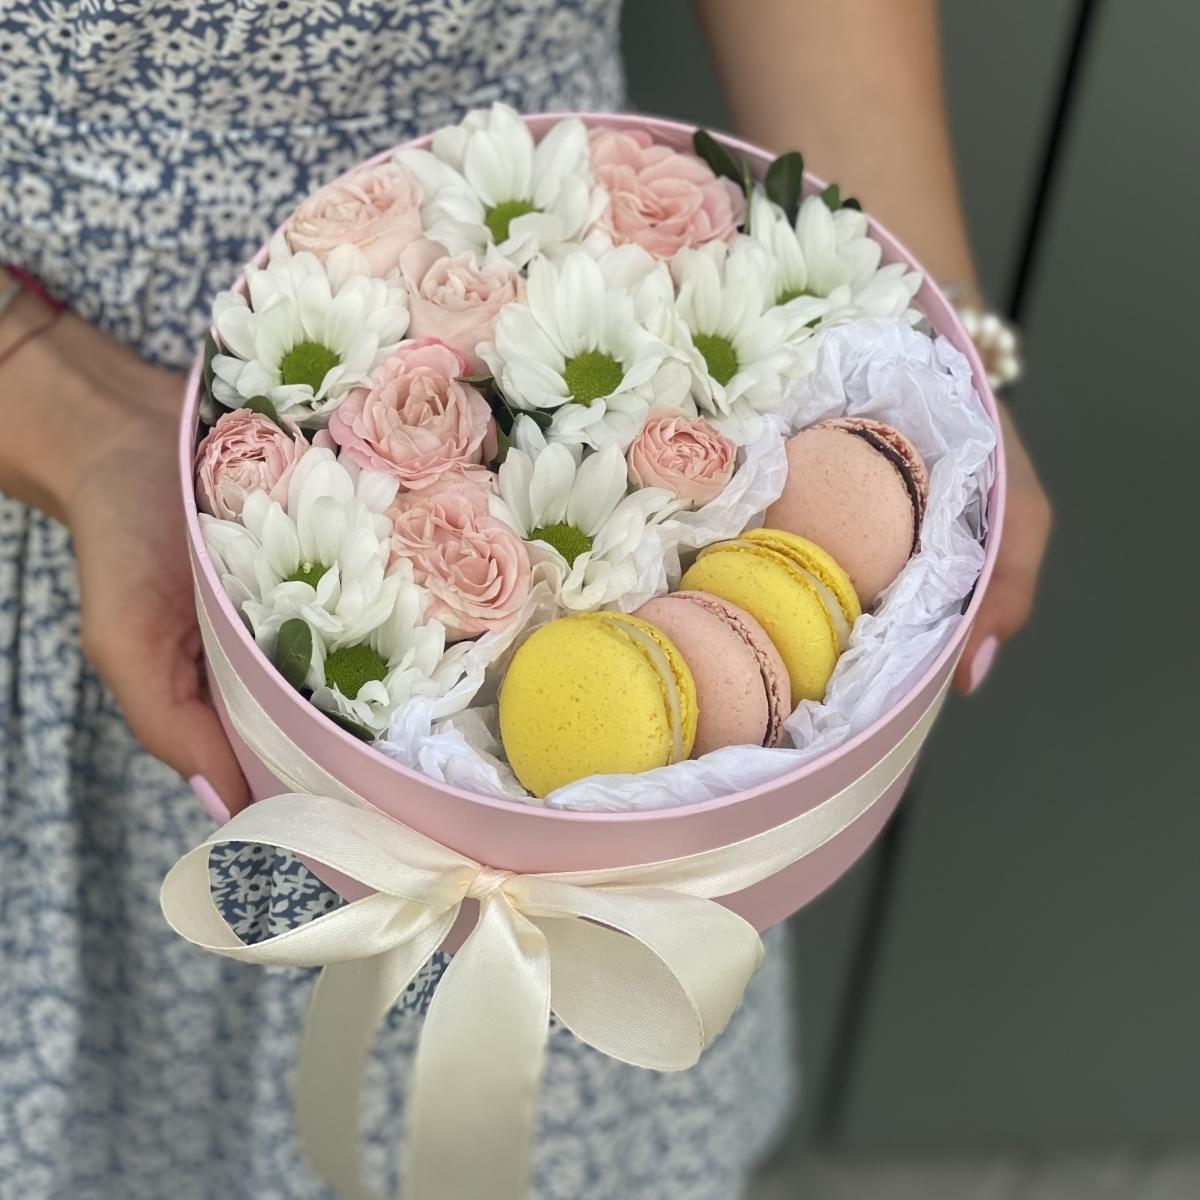 Коробочка Фламинго с розовыми и белыми кустовыми розами и macarons